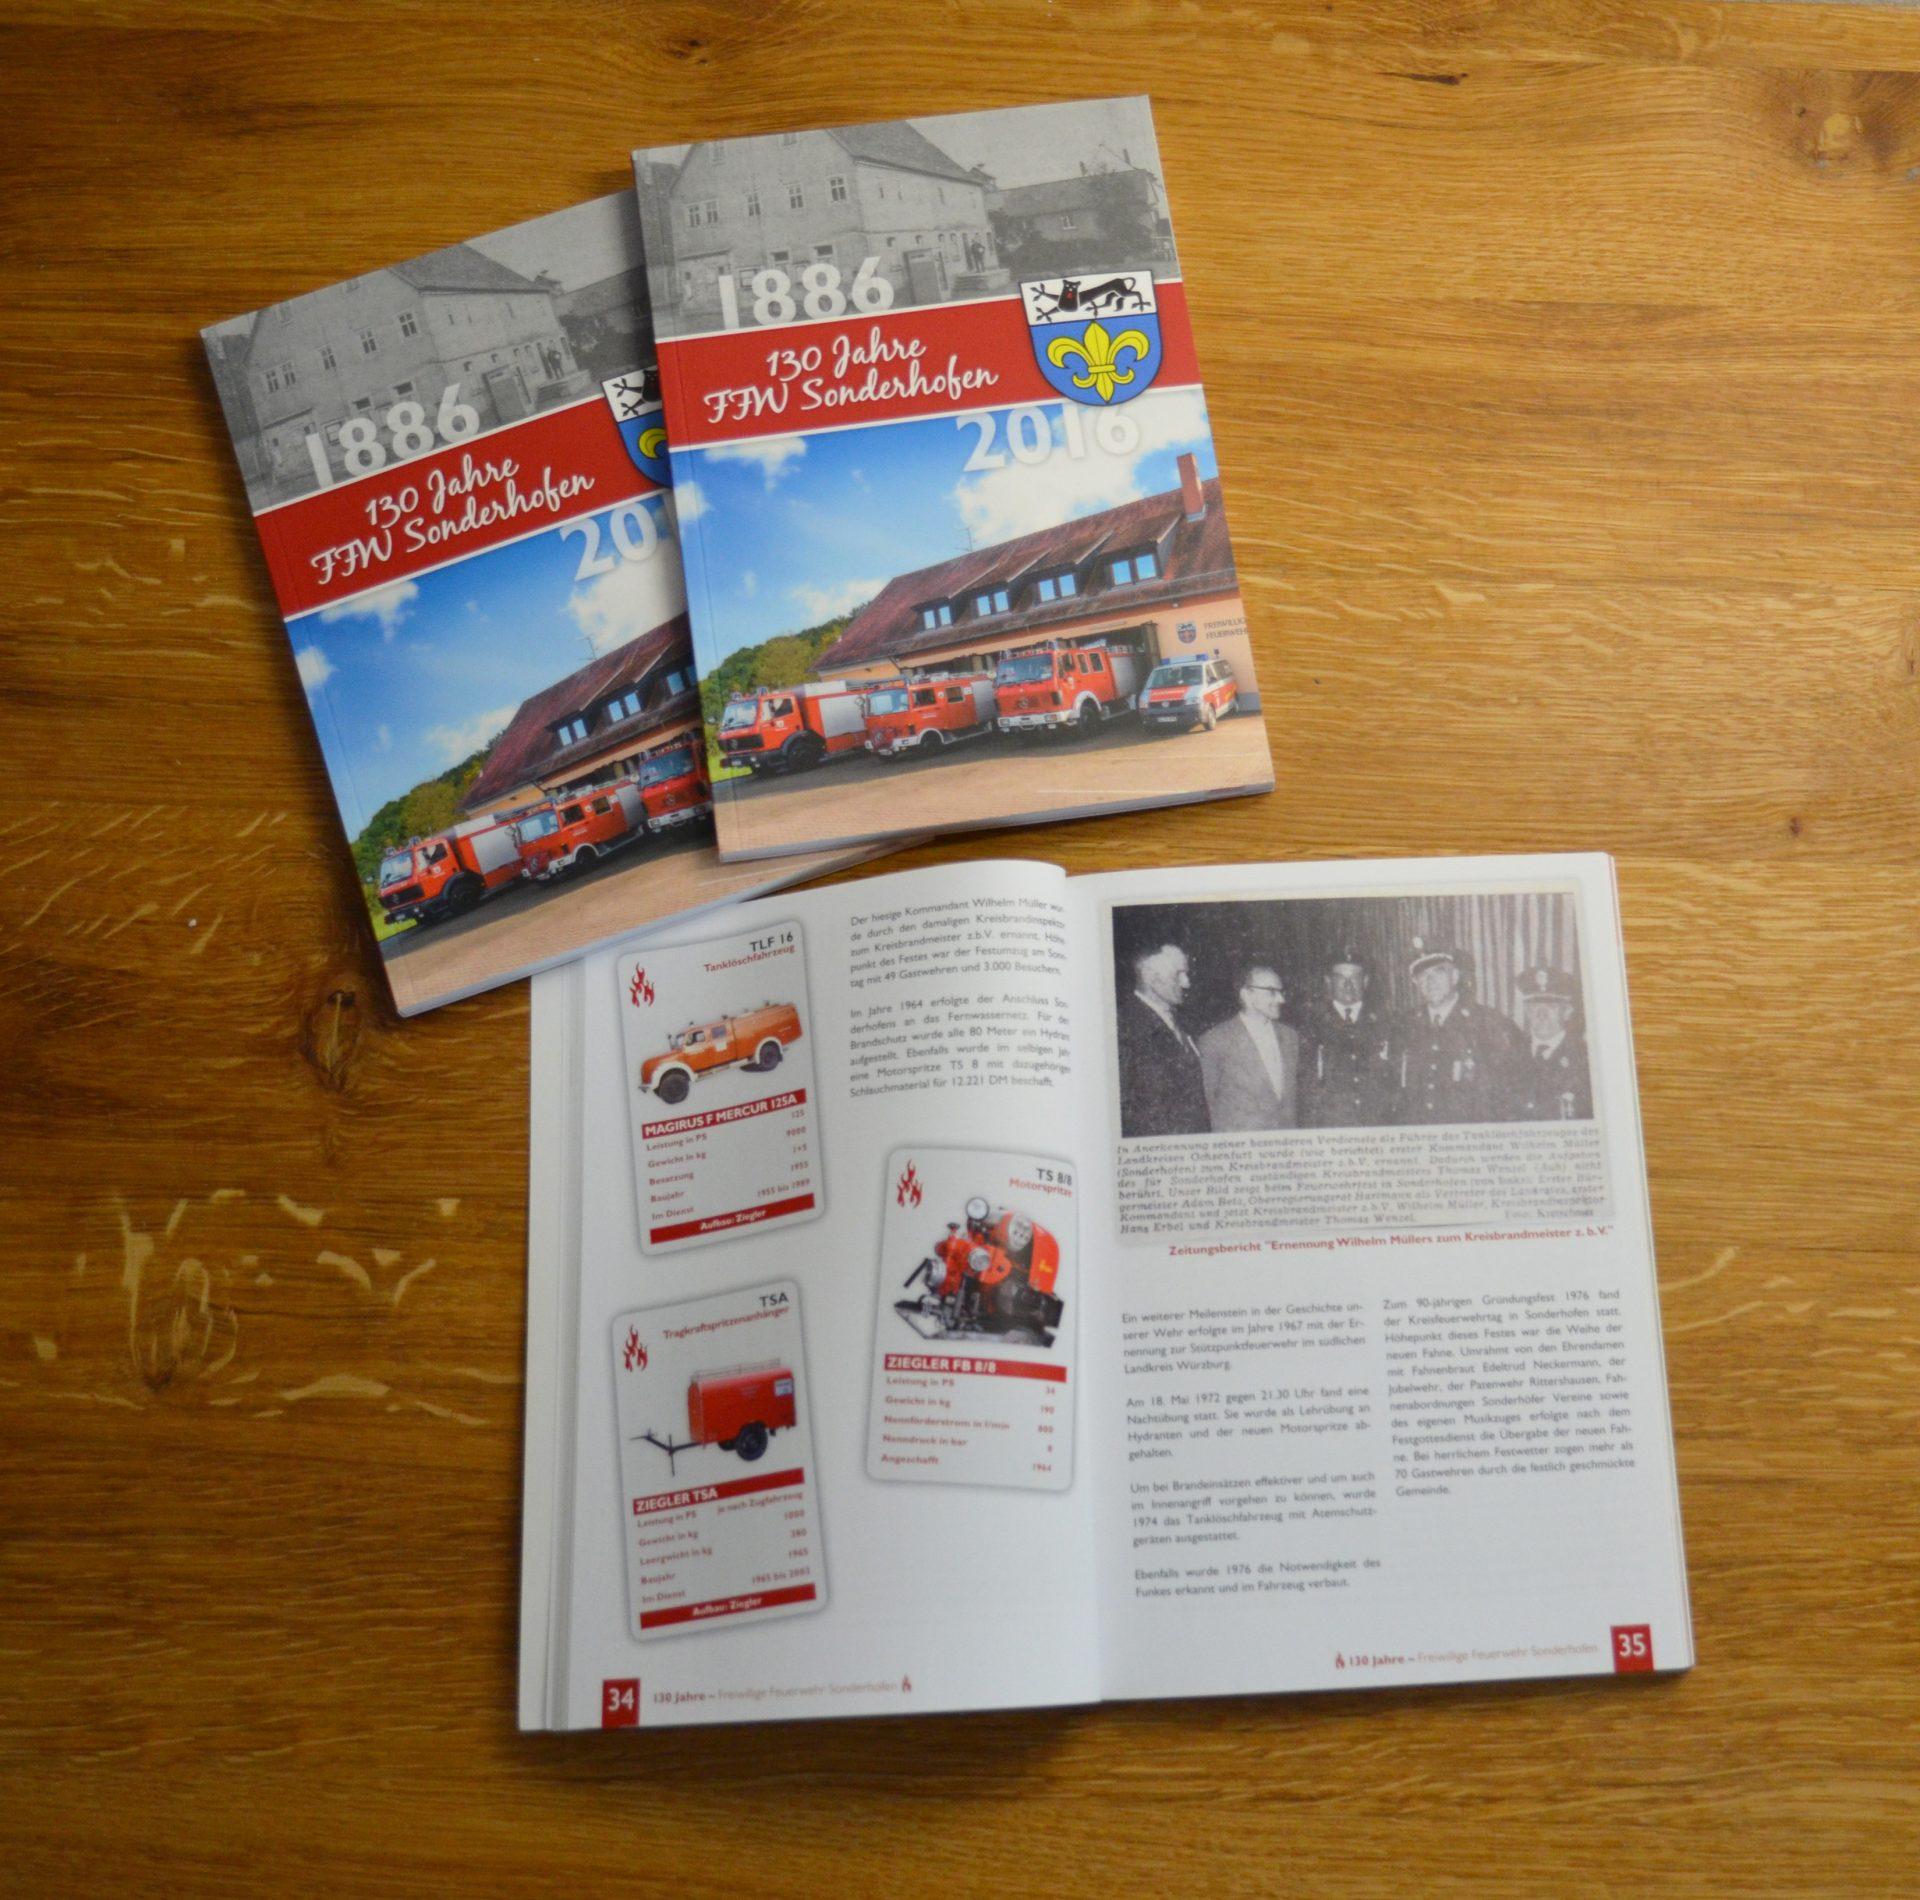 FZ Mediengestaltung - Festschrift FFW Sonderhofen